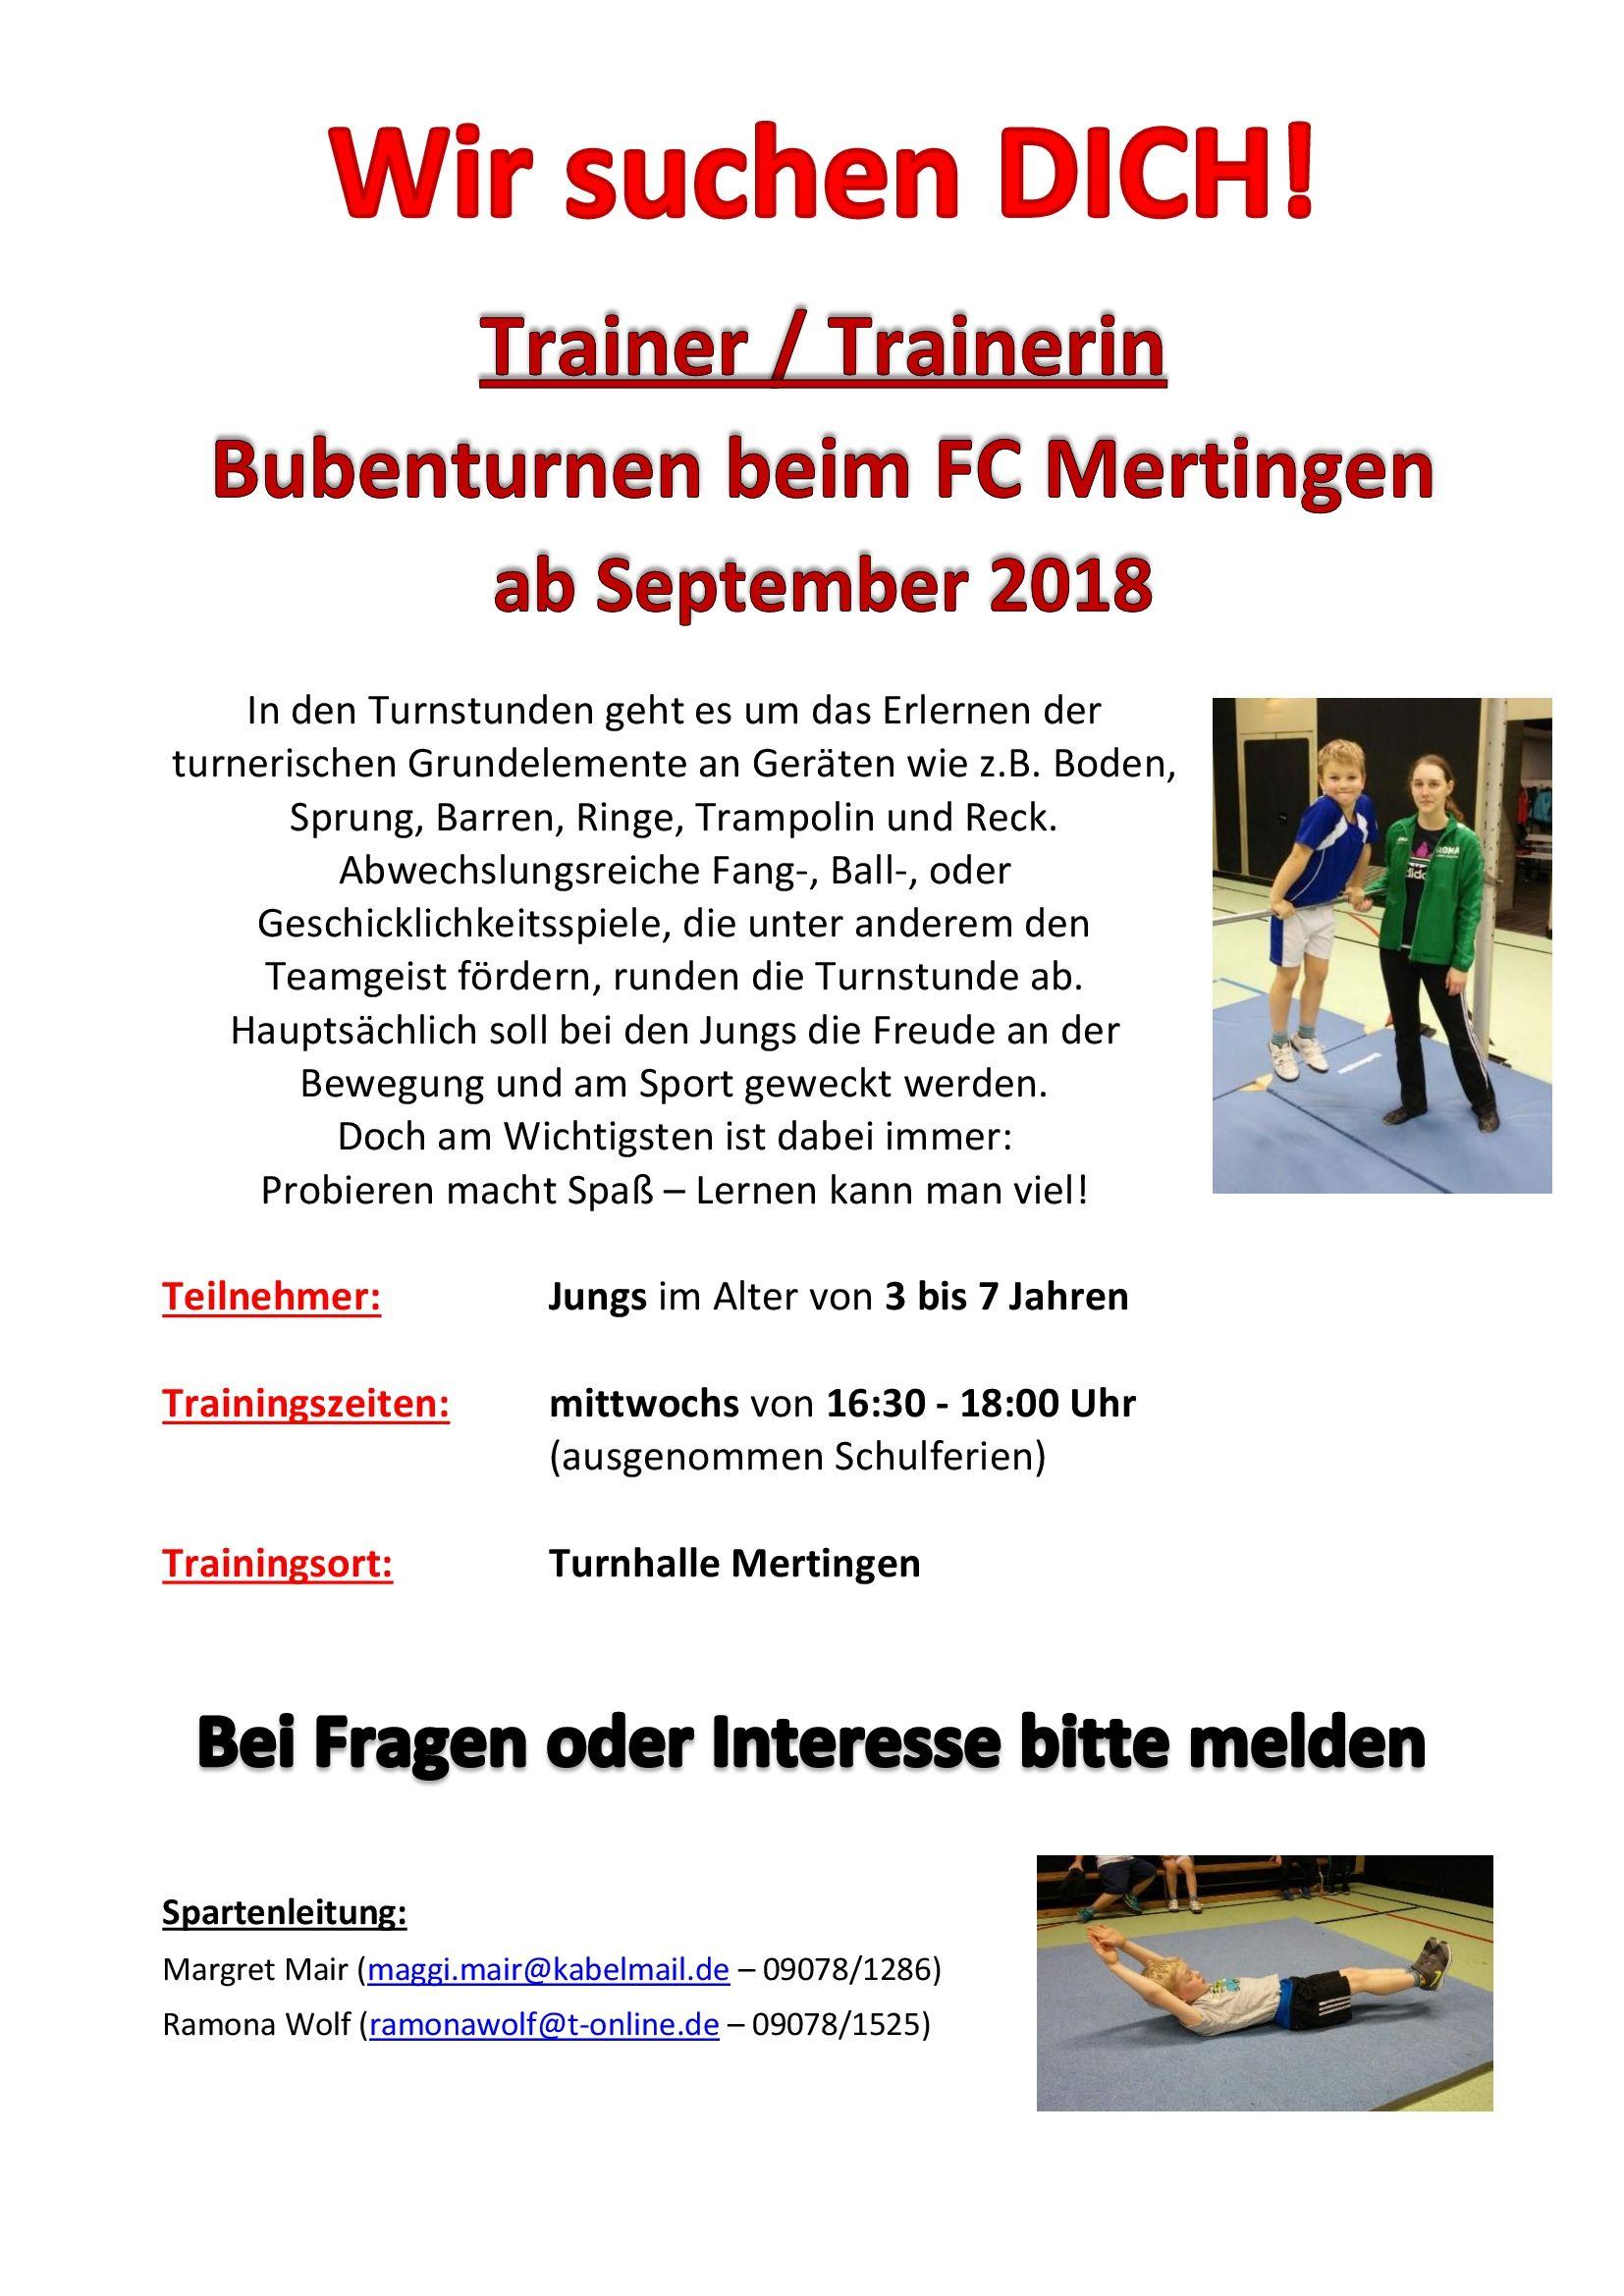 FC Mertingen Bubenturnen